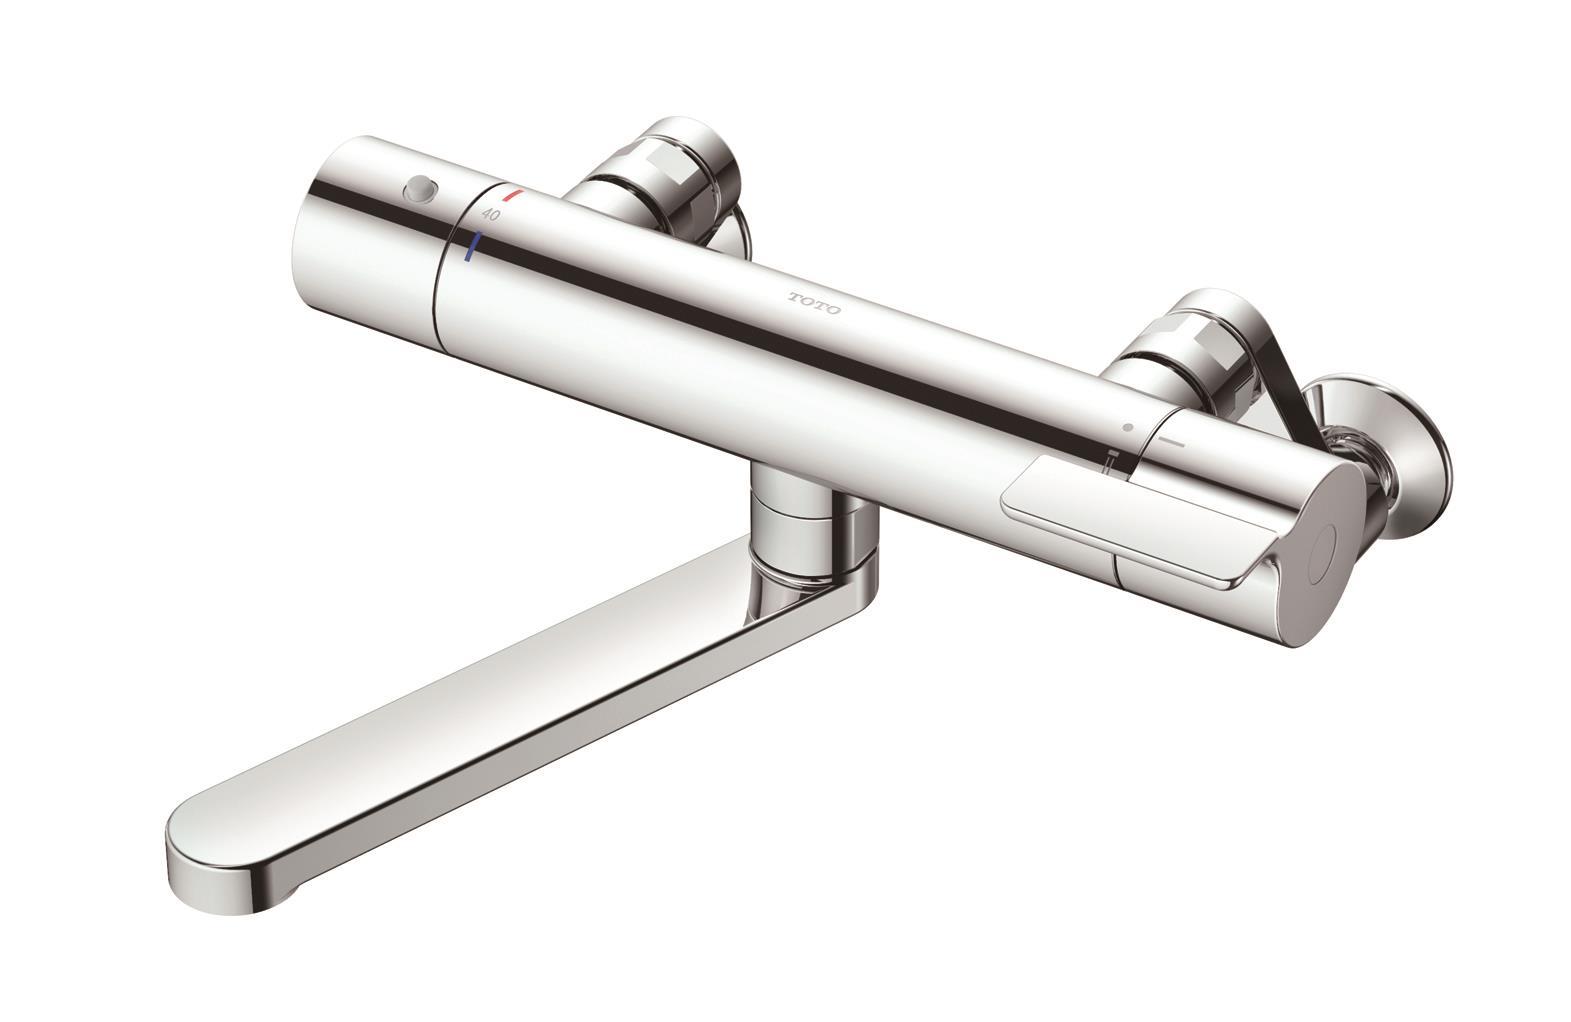 【送料無料】TOTO 壁付サーモスタット混合水栓 TBV03421Z メタル 洗い場専用 逆止弁本体・ホース接続ねじG1/2 シャワーヘッドは付いてません